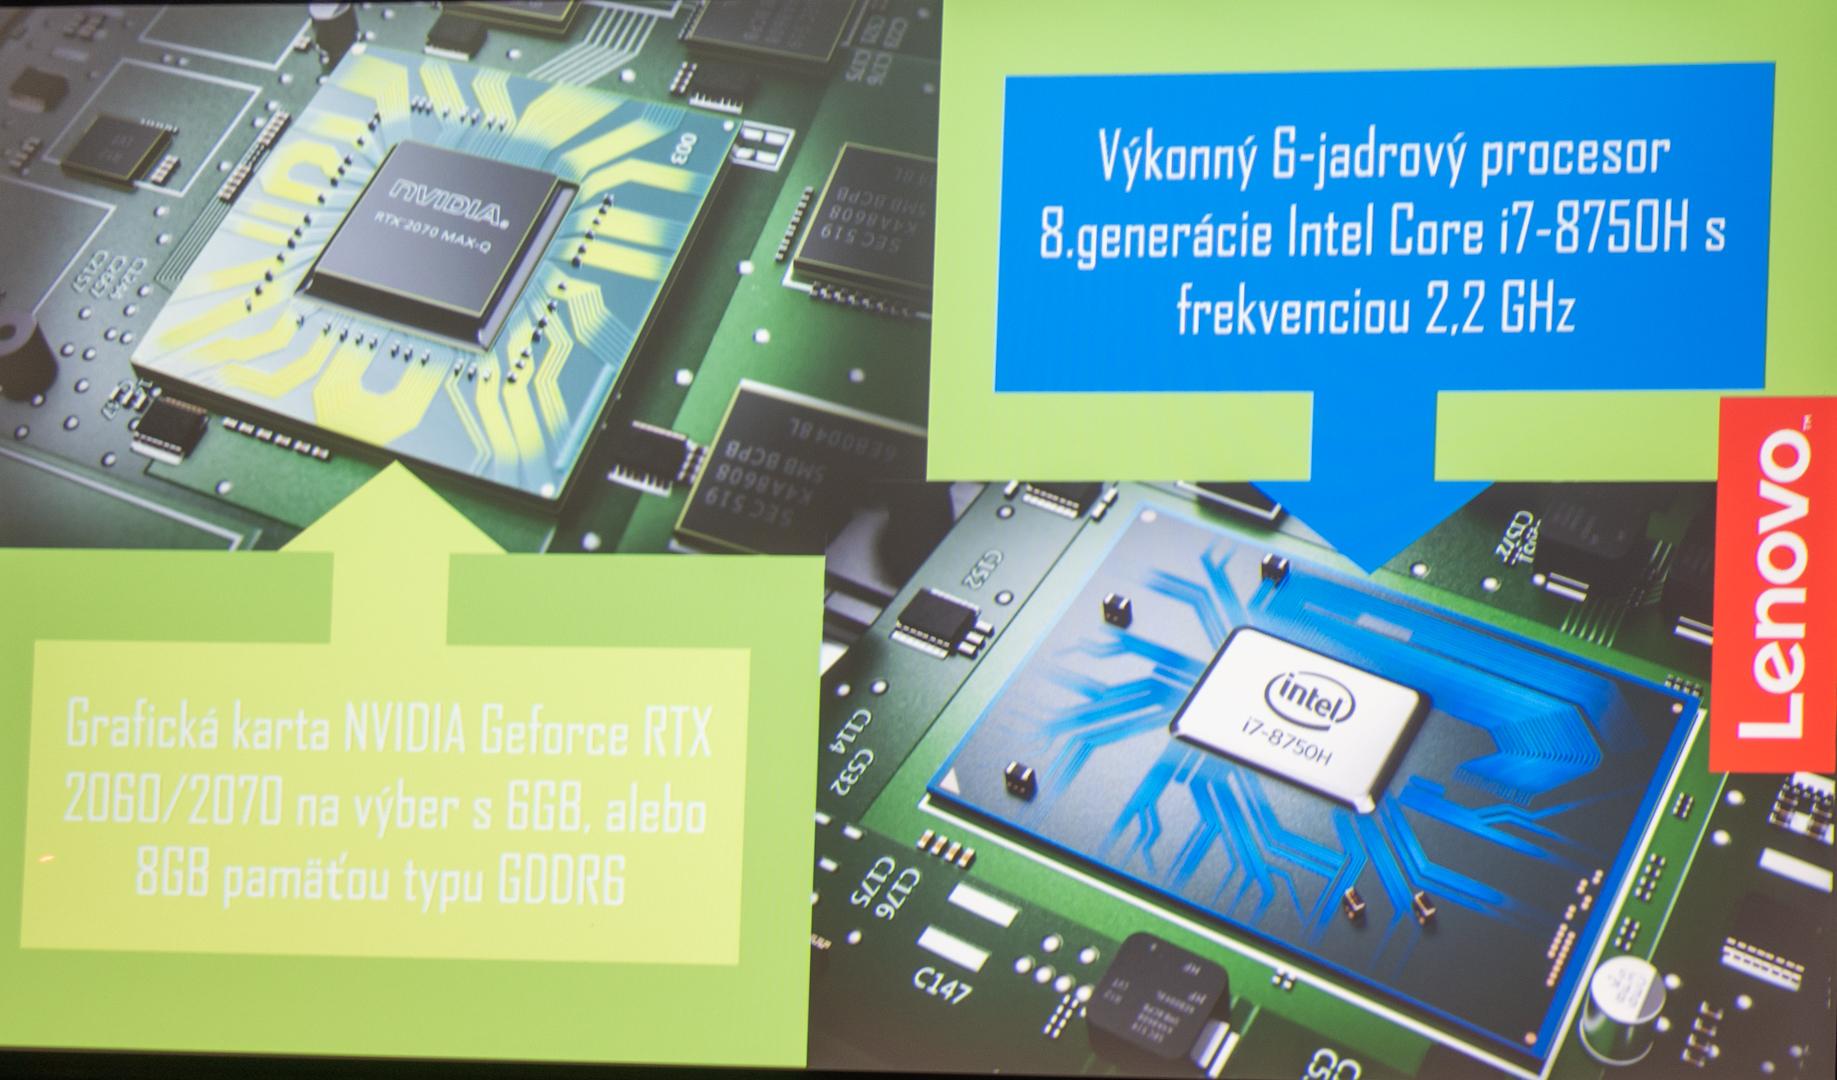 5c2d0cf4d Notebooky hernej série Lenovo Legion Y540 a Y740 sú vyzbrojené výkonnými  procesormi, rýchlou pamäťou RAM a najvýkonnejšími grafickými kartami  súčasnosti.